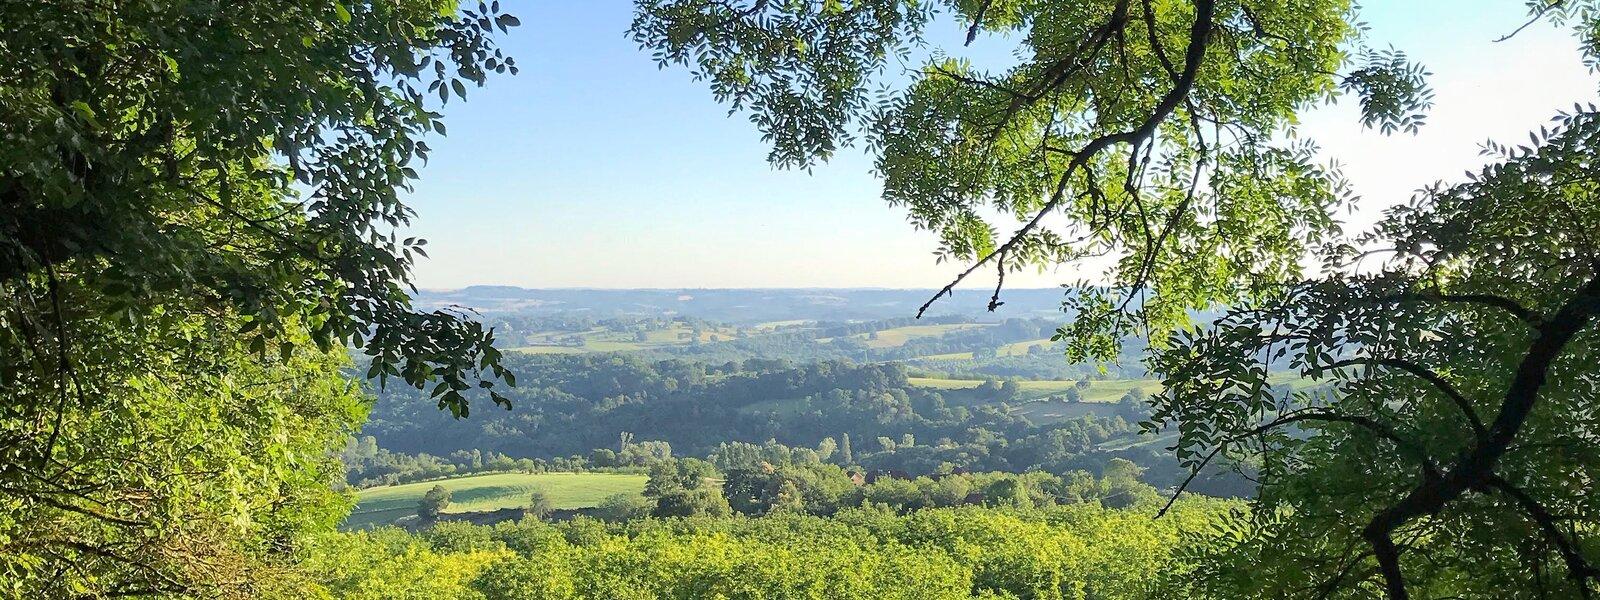 Badefols d'Ans - View to Hautefort from Badefols'Ans (© Voilà Villas Dordogne)